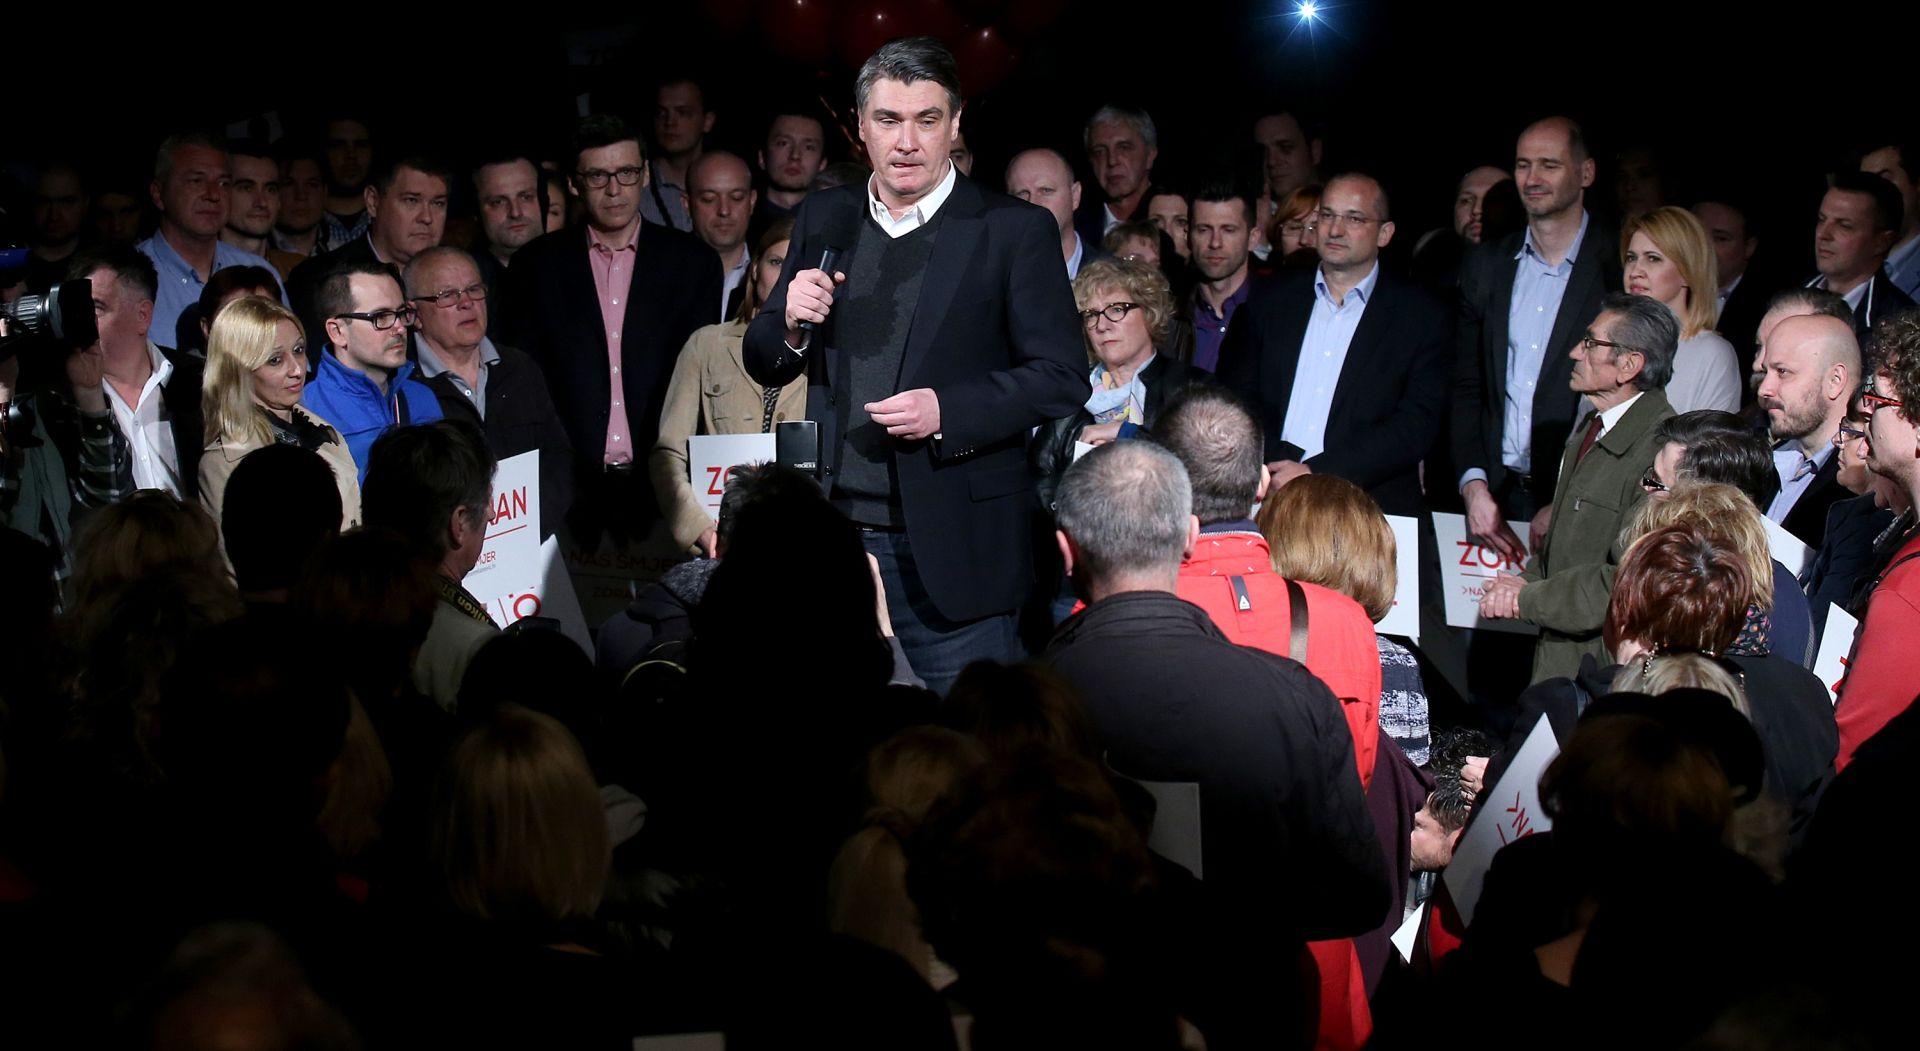 Zoran Milanović: 'Vjerujem da ću stranku voditi u još jednu parlamentarnu pobjedu'